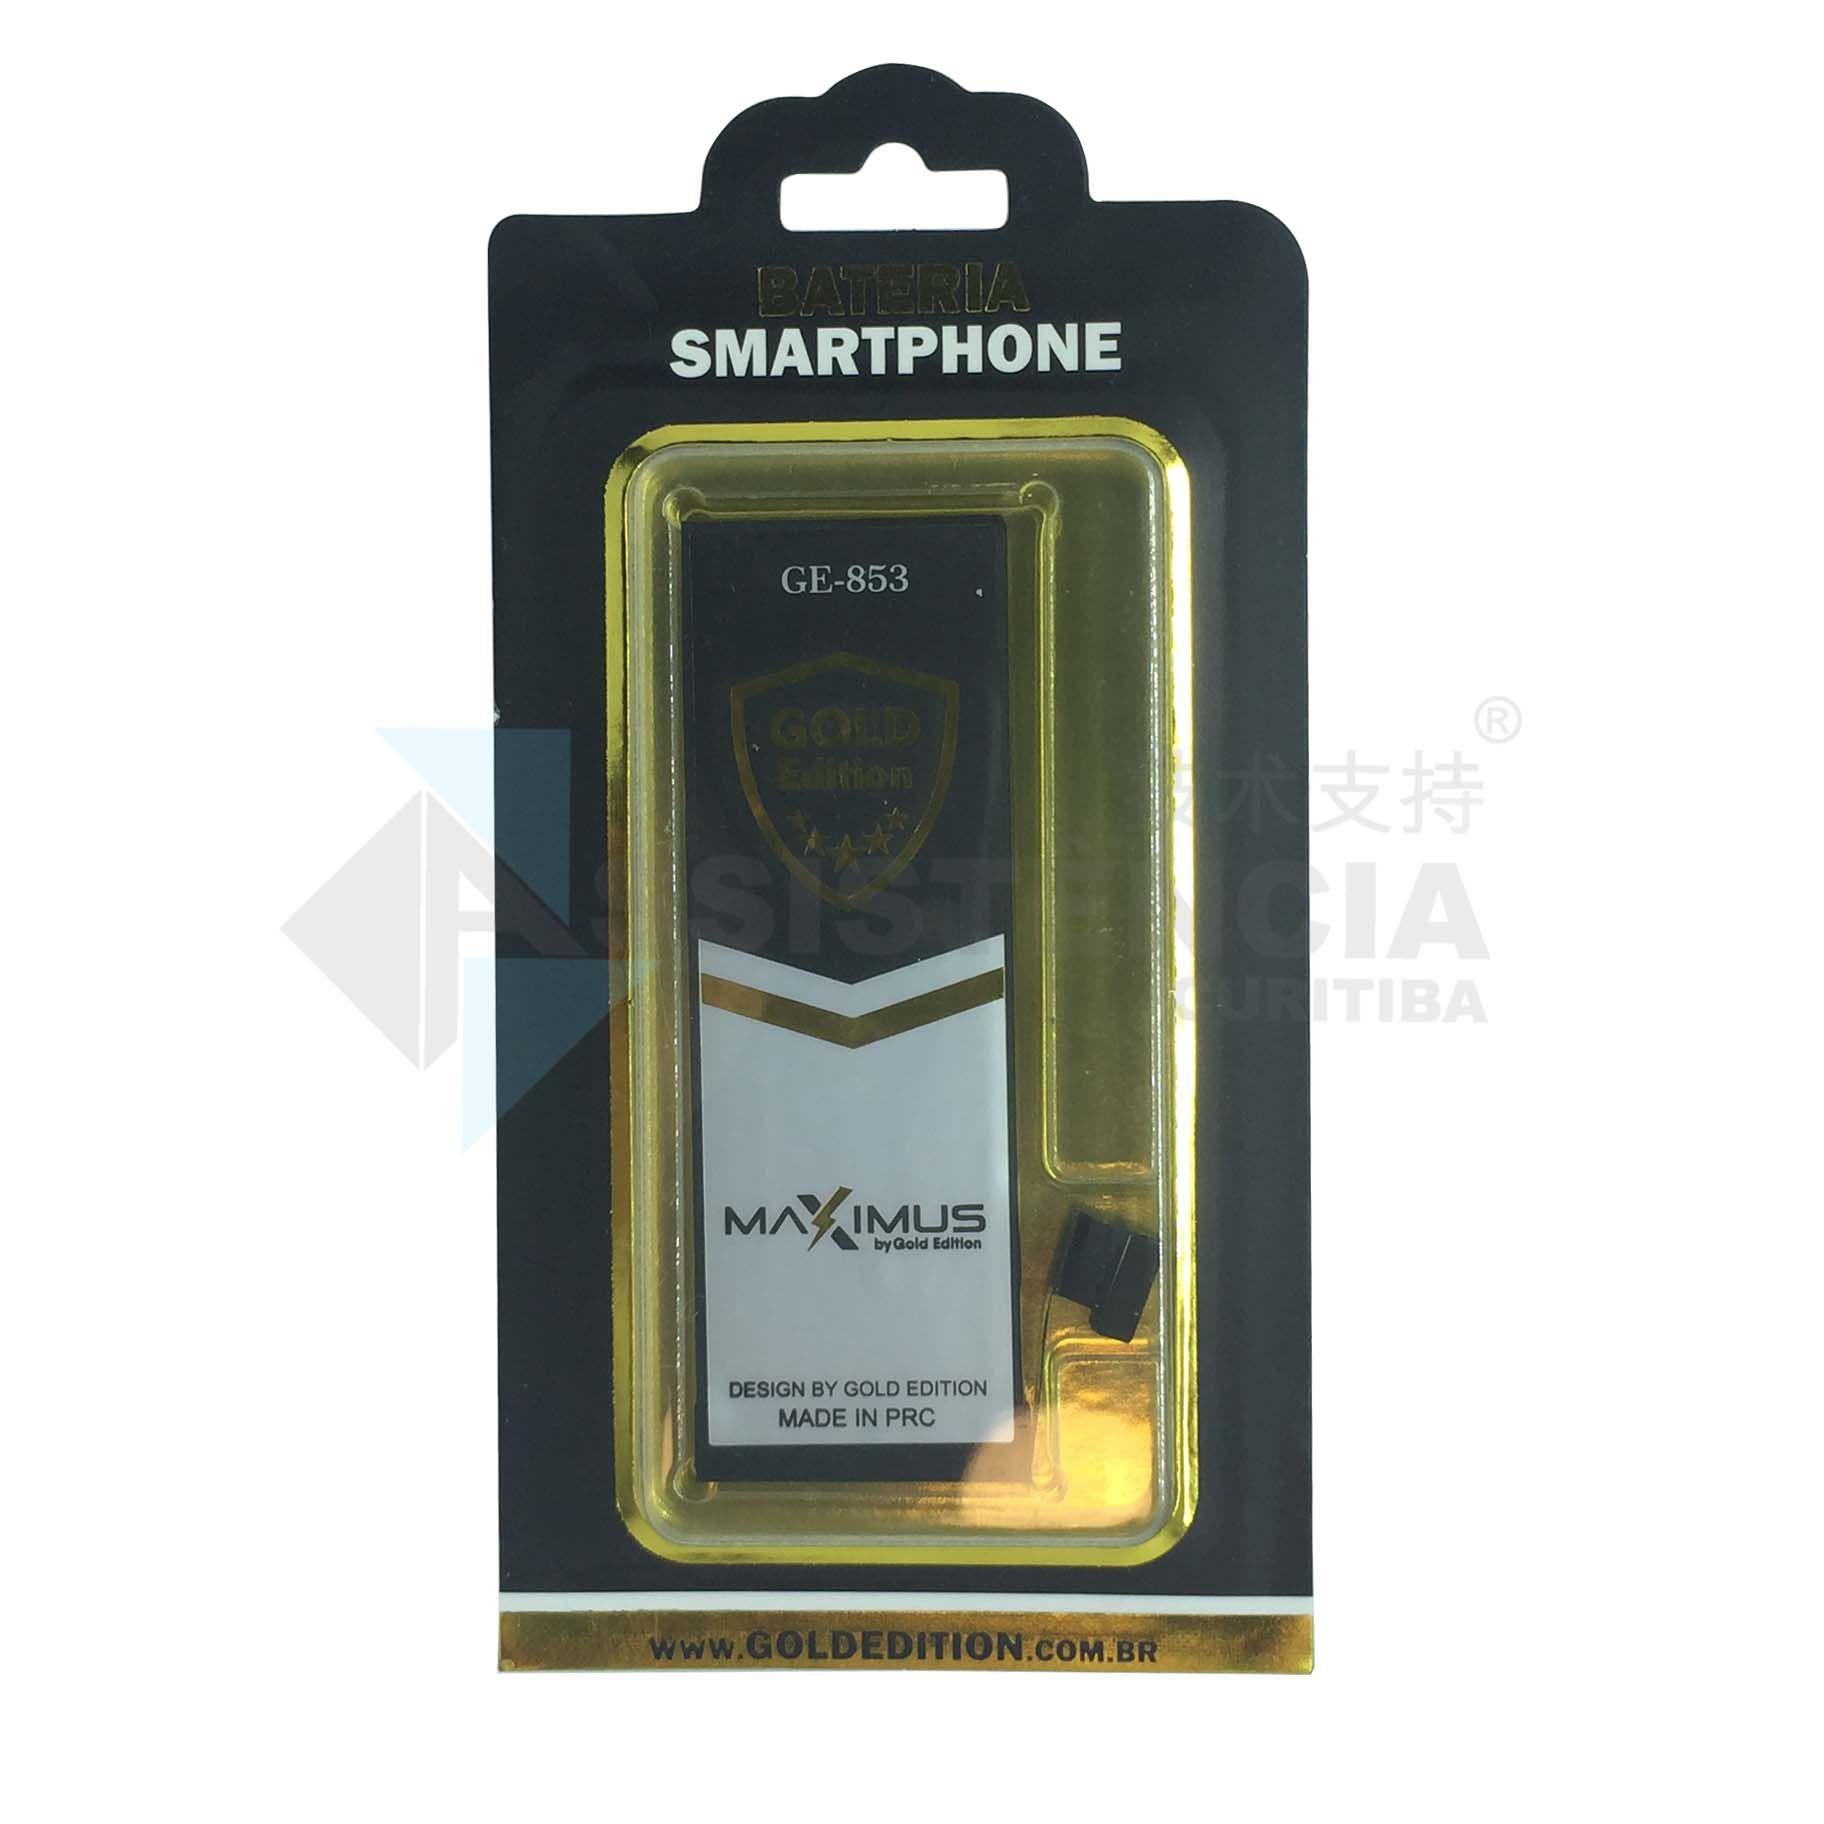 BATERIA GOLD EDITION CELULAR APPLE IPHONE 5G A1428 A1429 A1442